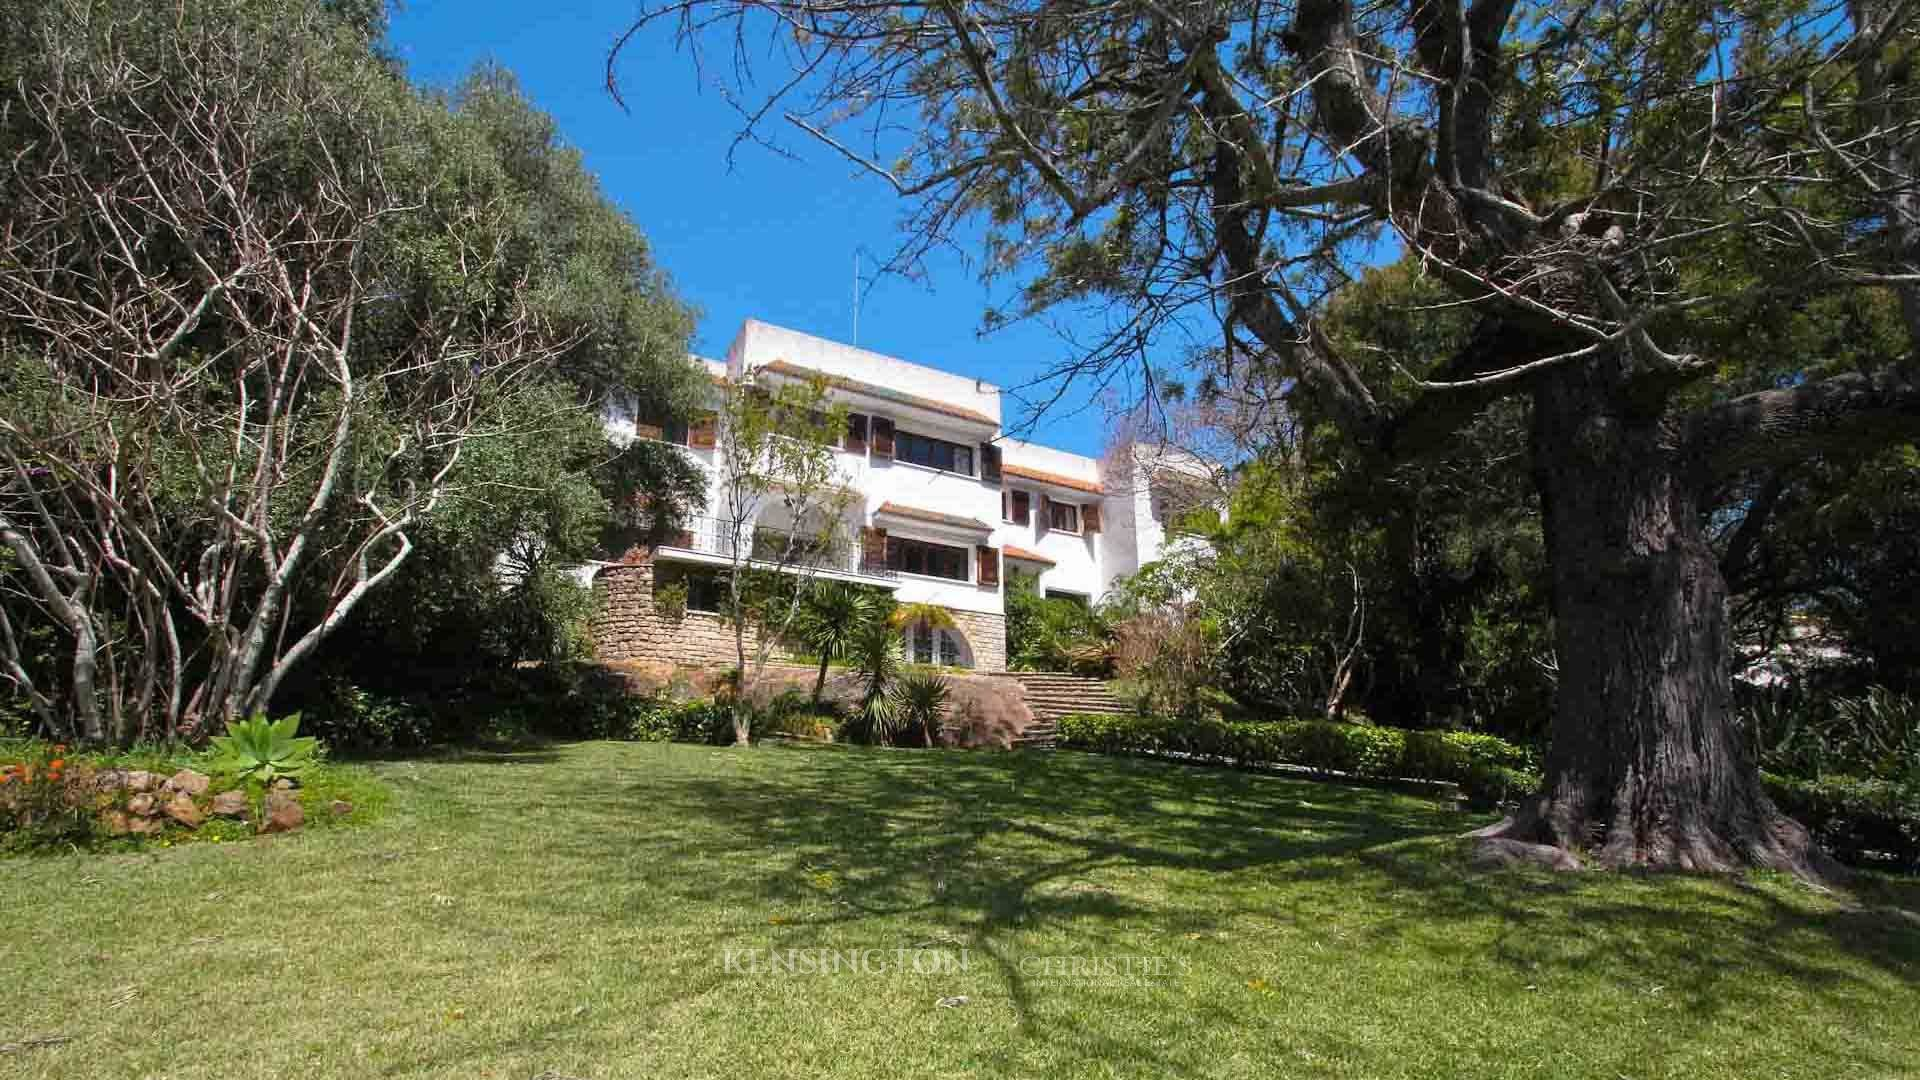 KPPM00982: Villa Roche Villa de luxe Tanger Maroc